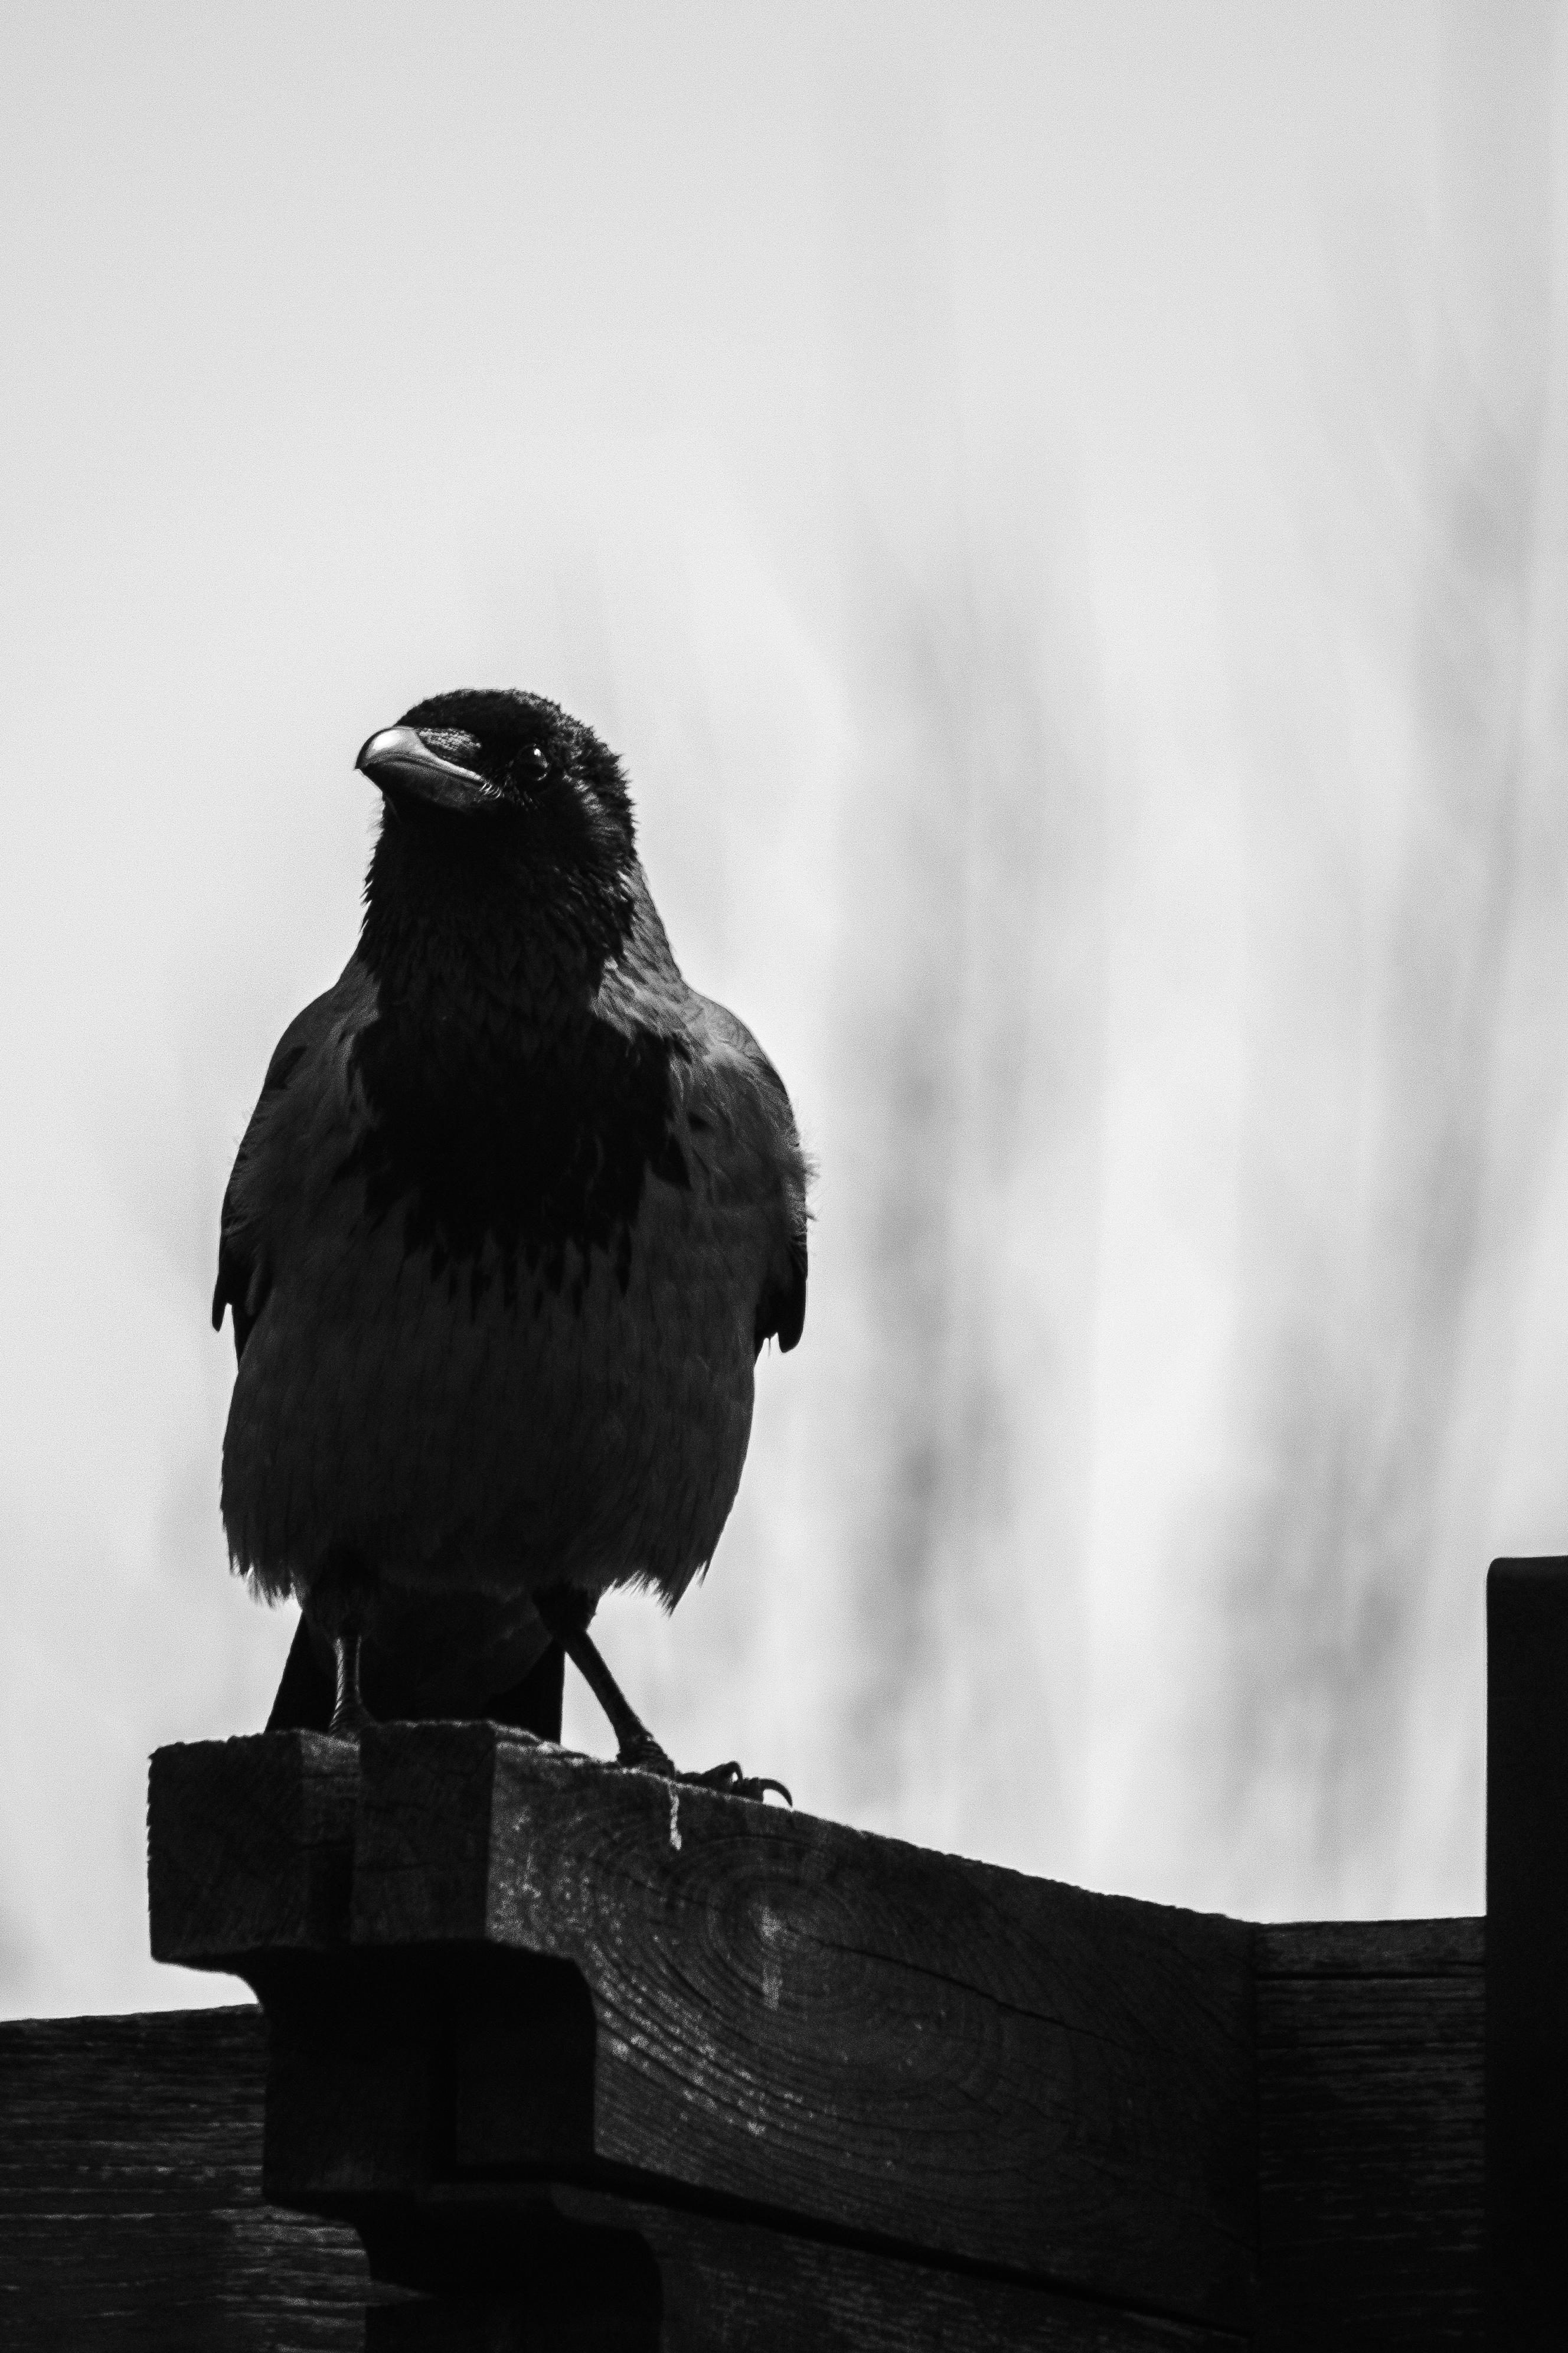 картинки черного ворона черно белые